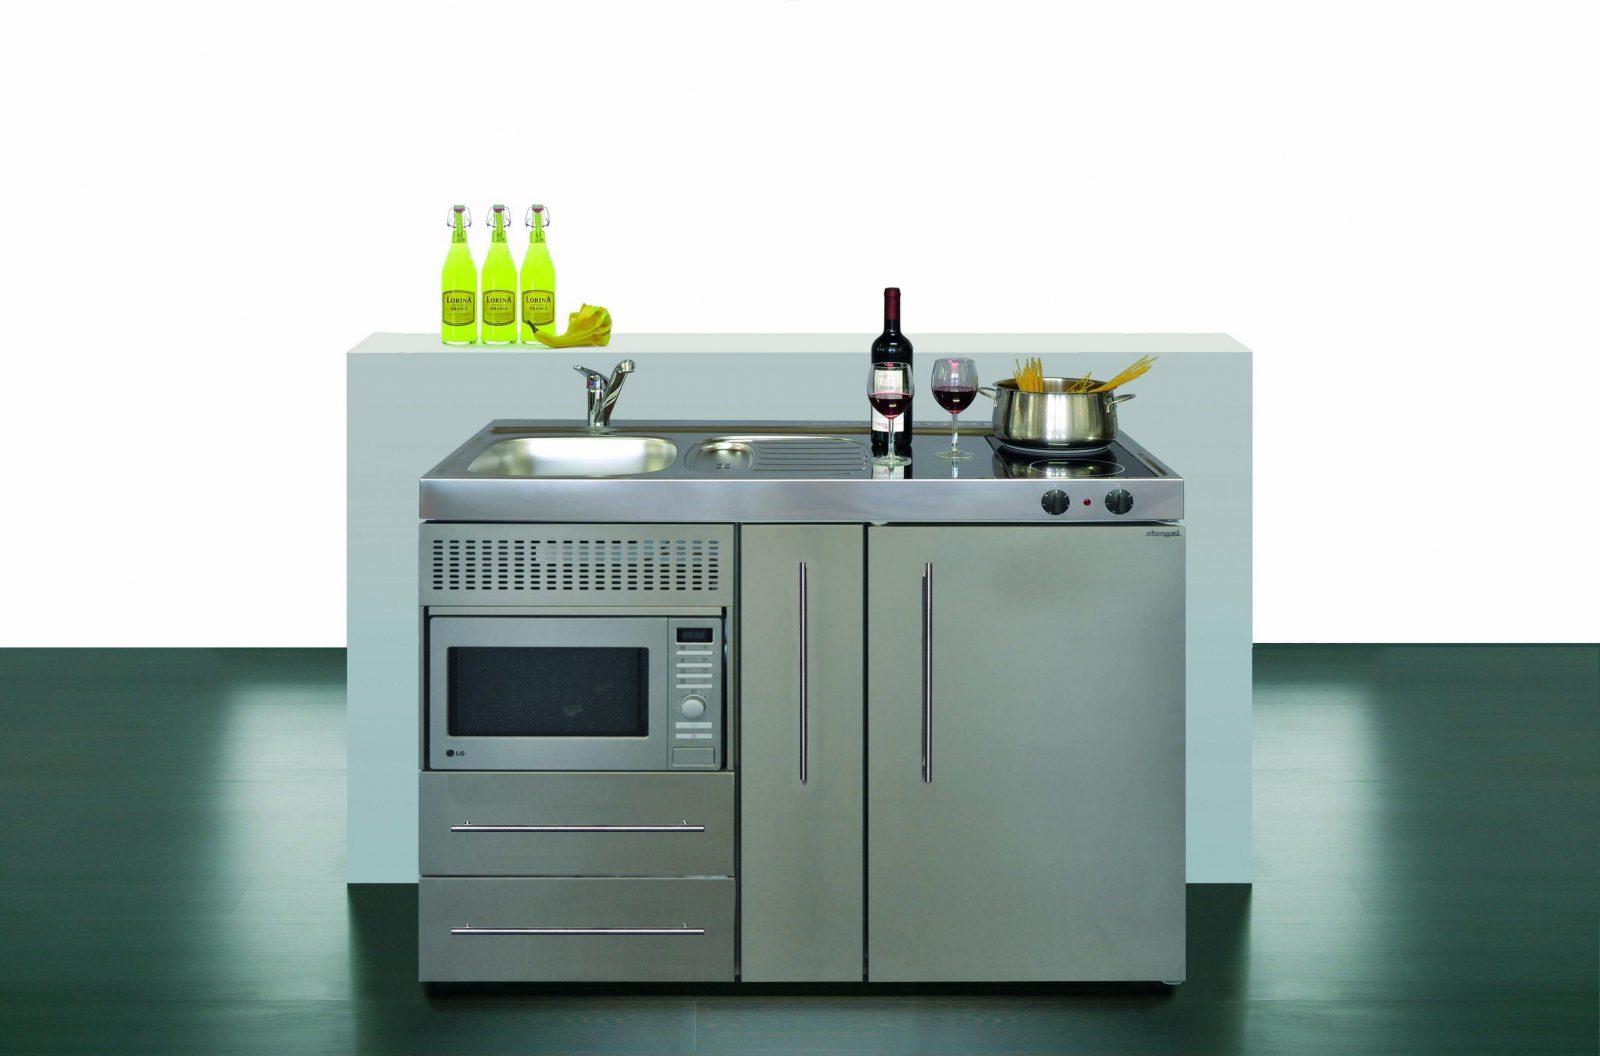 Mini Kühlschrank Hornbach : Hornbach miniküche kühlschrank kuechenmoebel kuechenzeilen